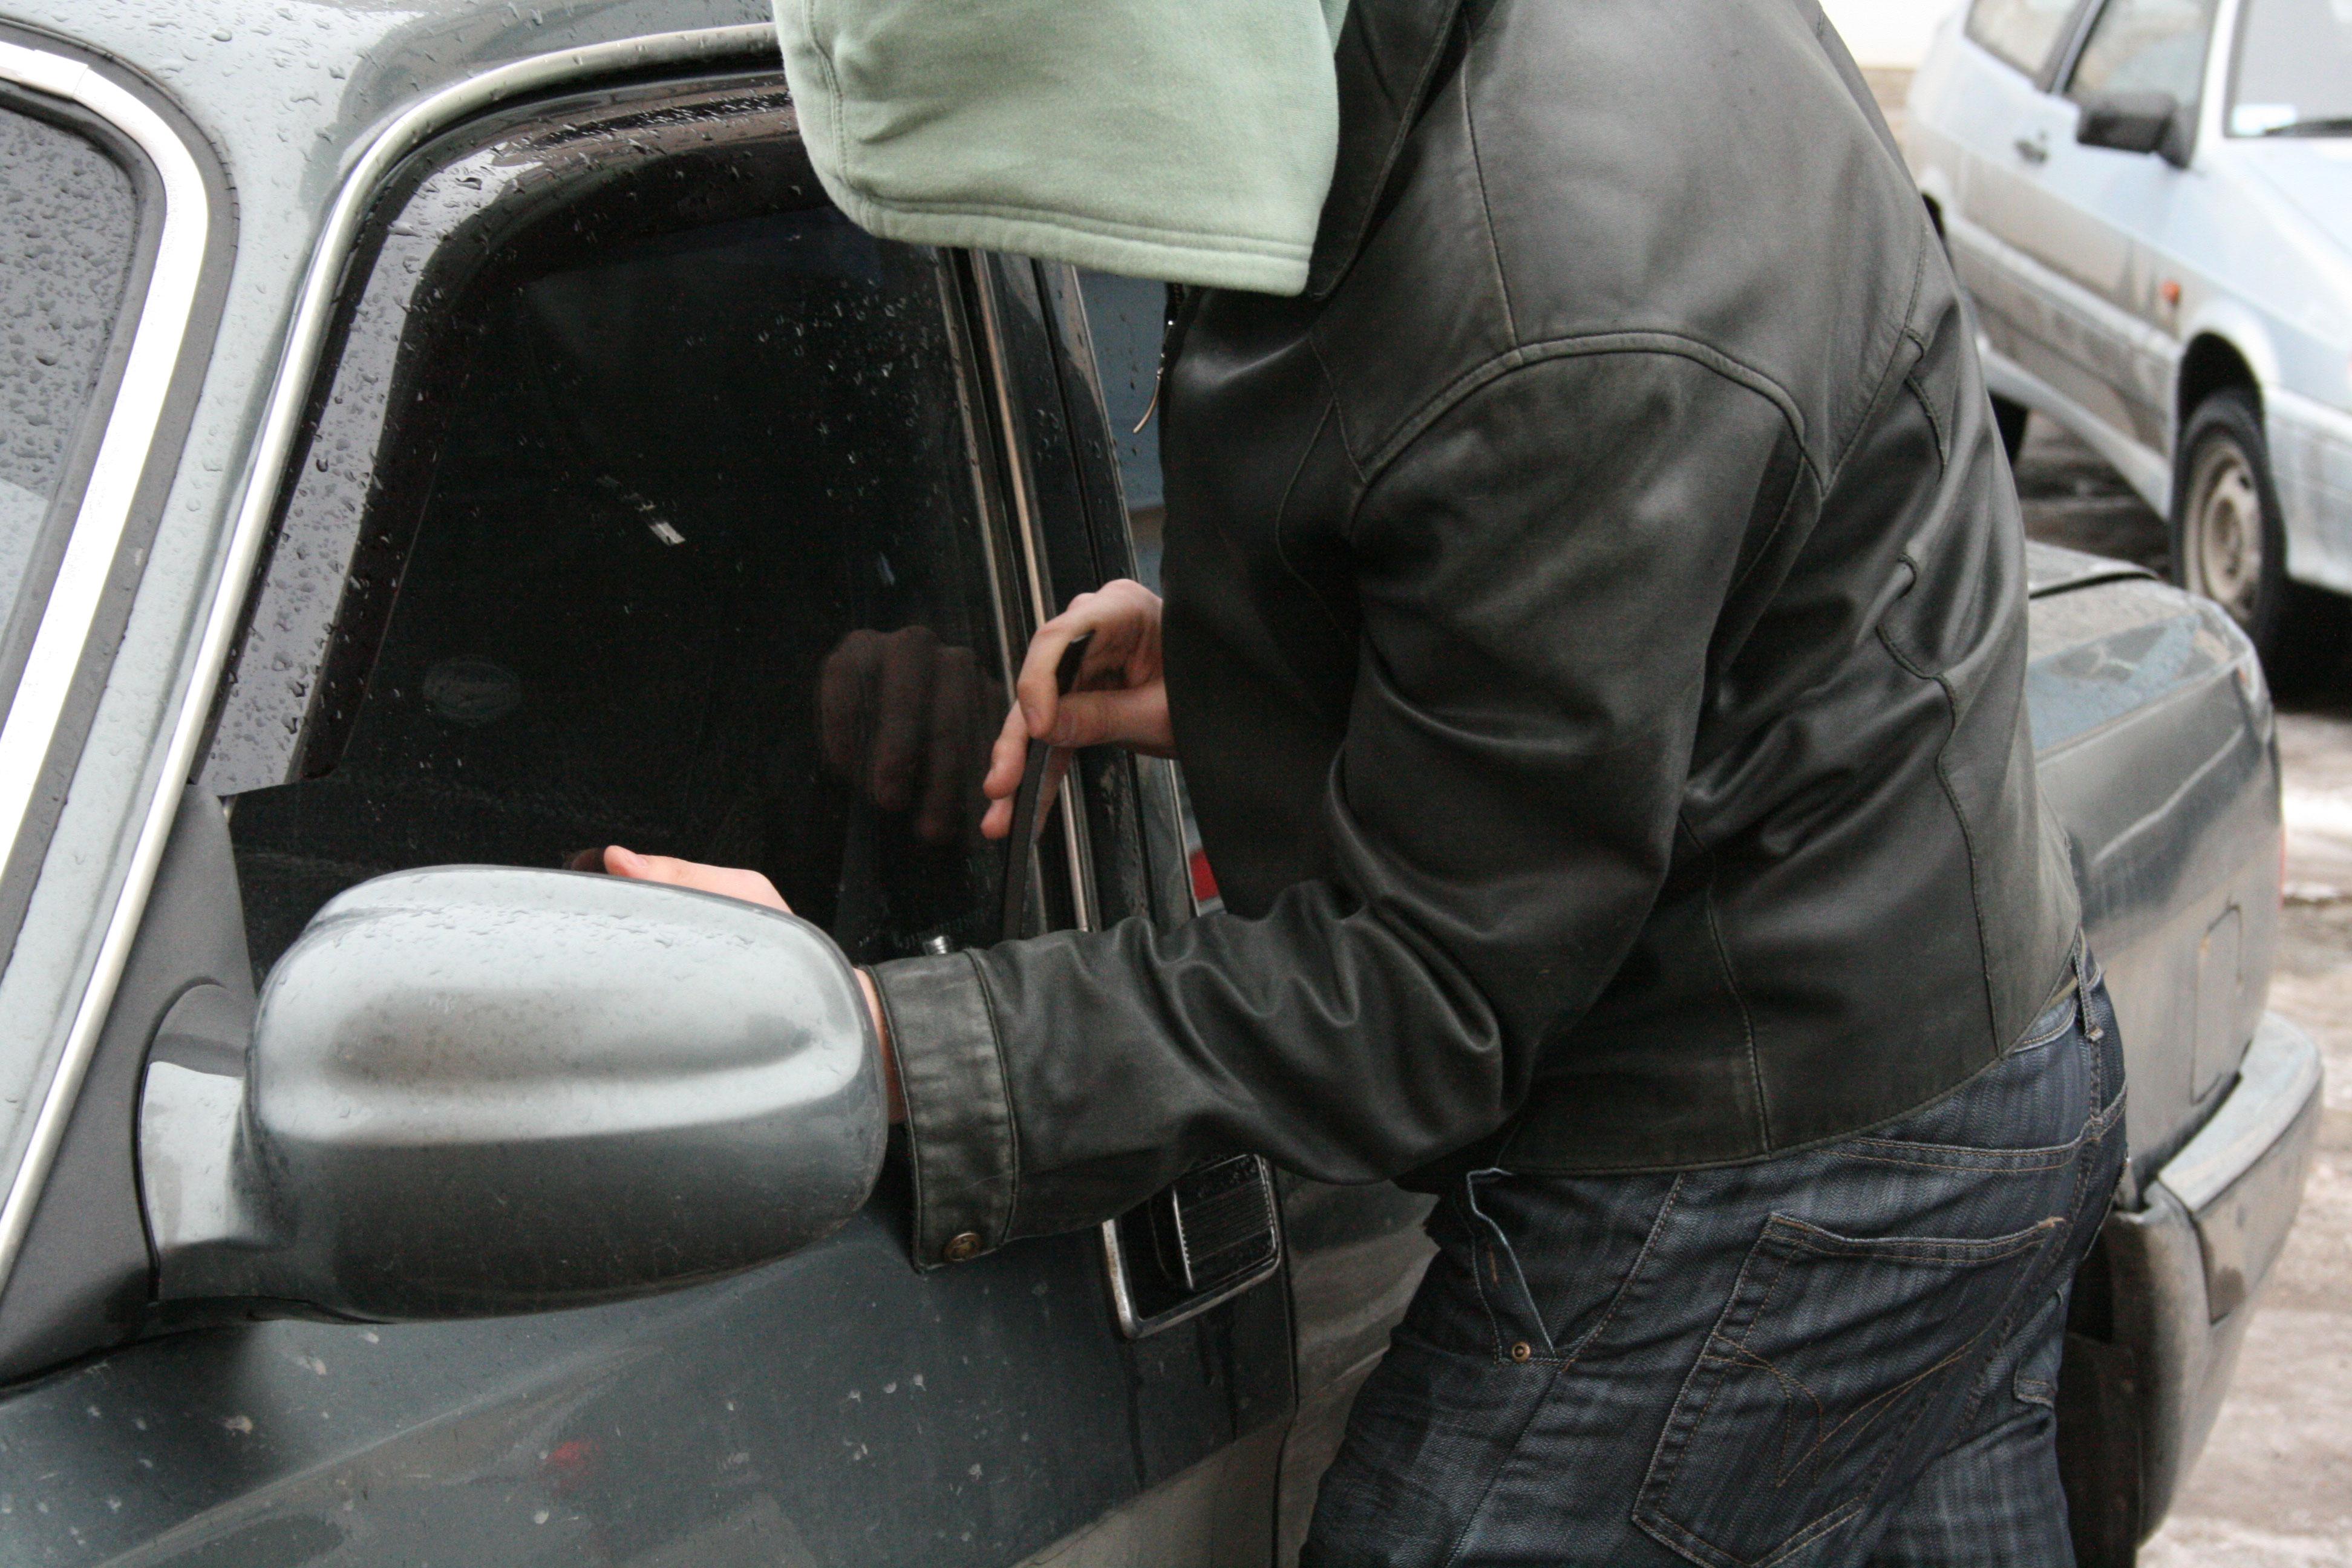 Меры предосторожности помогут избежать кражи из автомобиля